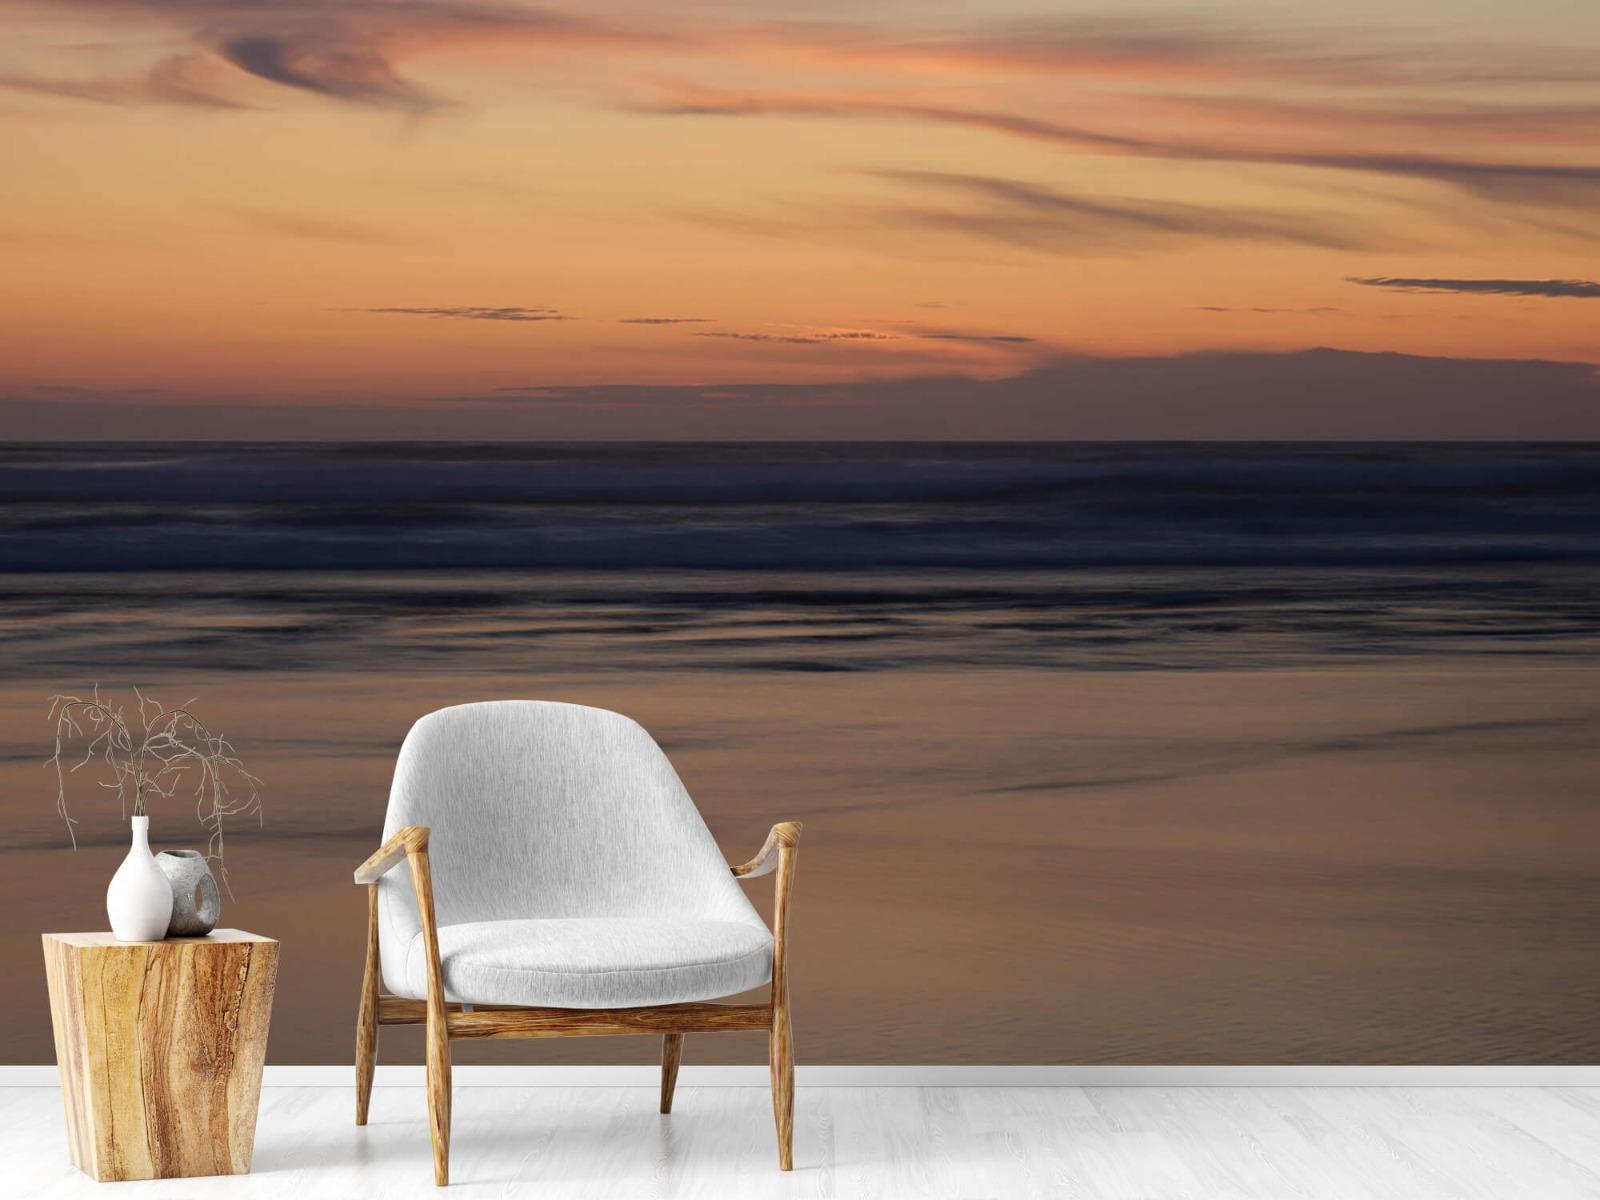 Zeeën en Oceanen - Zonsondergang aan de kust - Slaapkamer 18